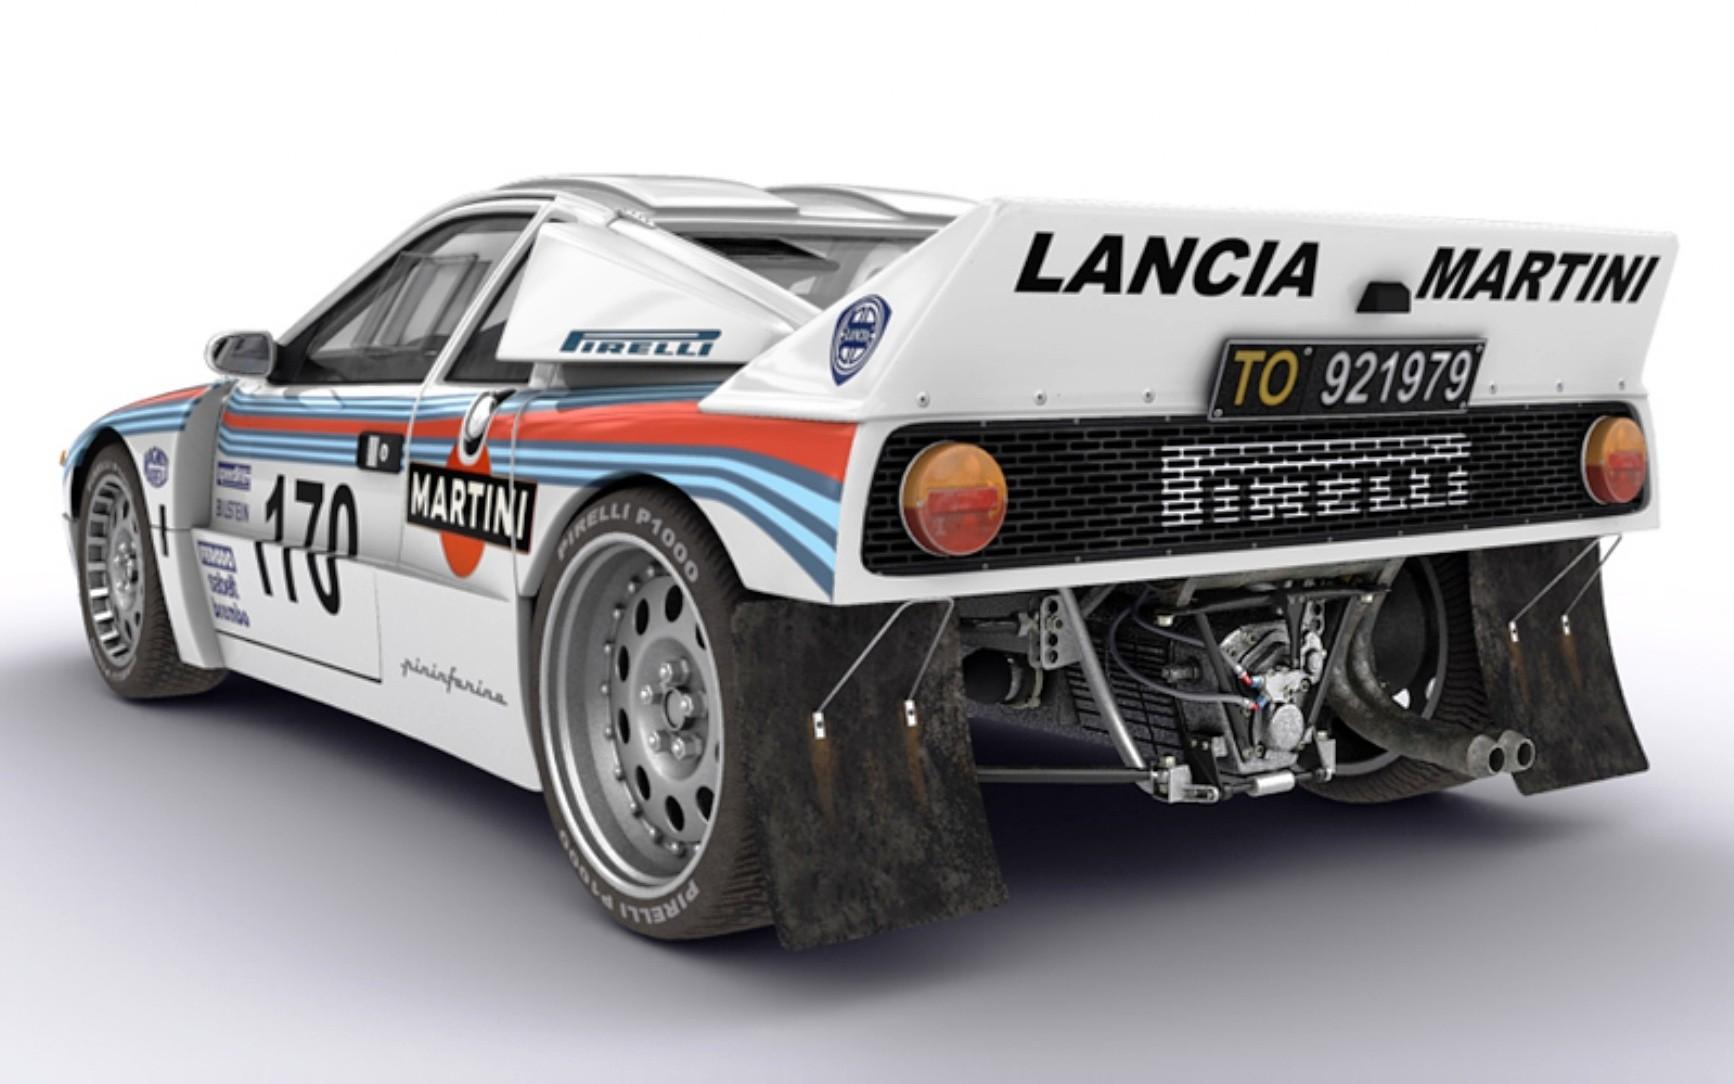 Lancia Rally 037 1982 - 1983 Coupe #1